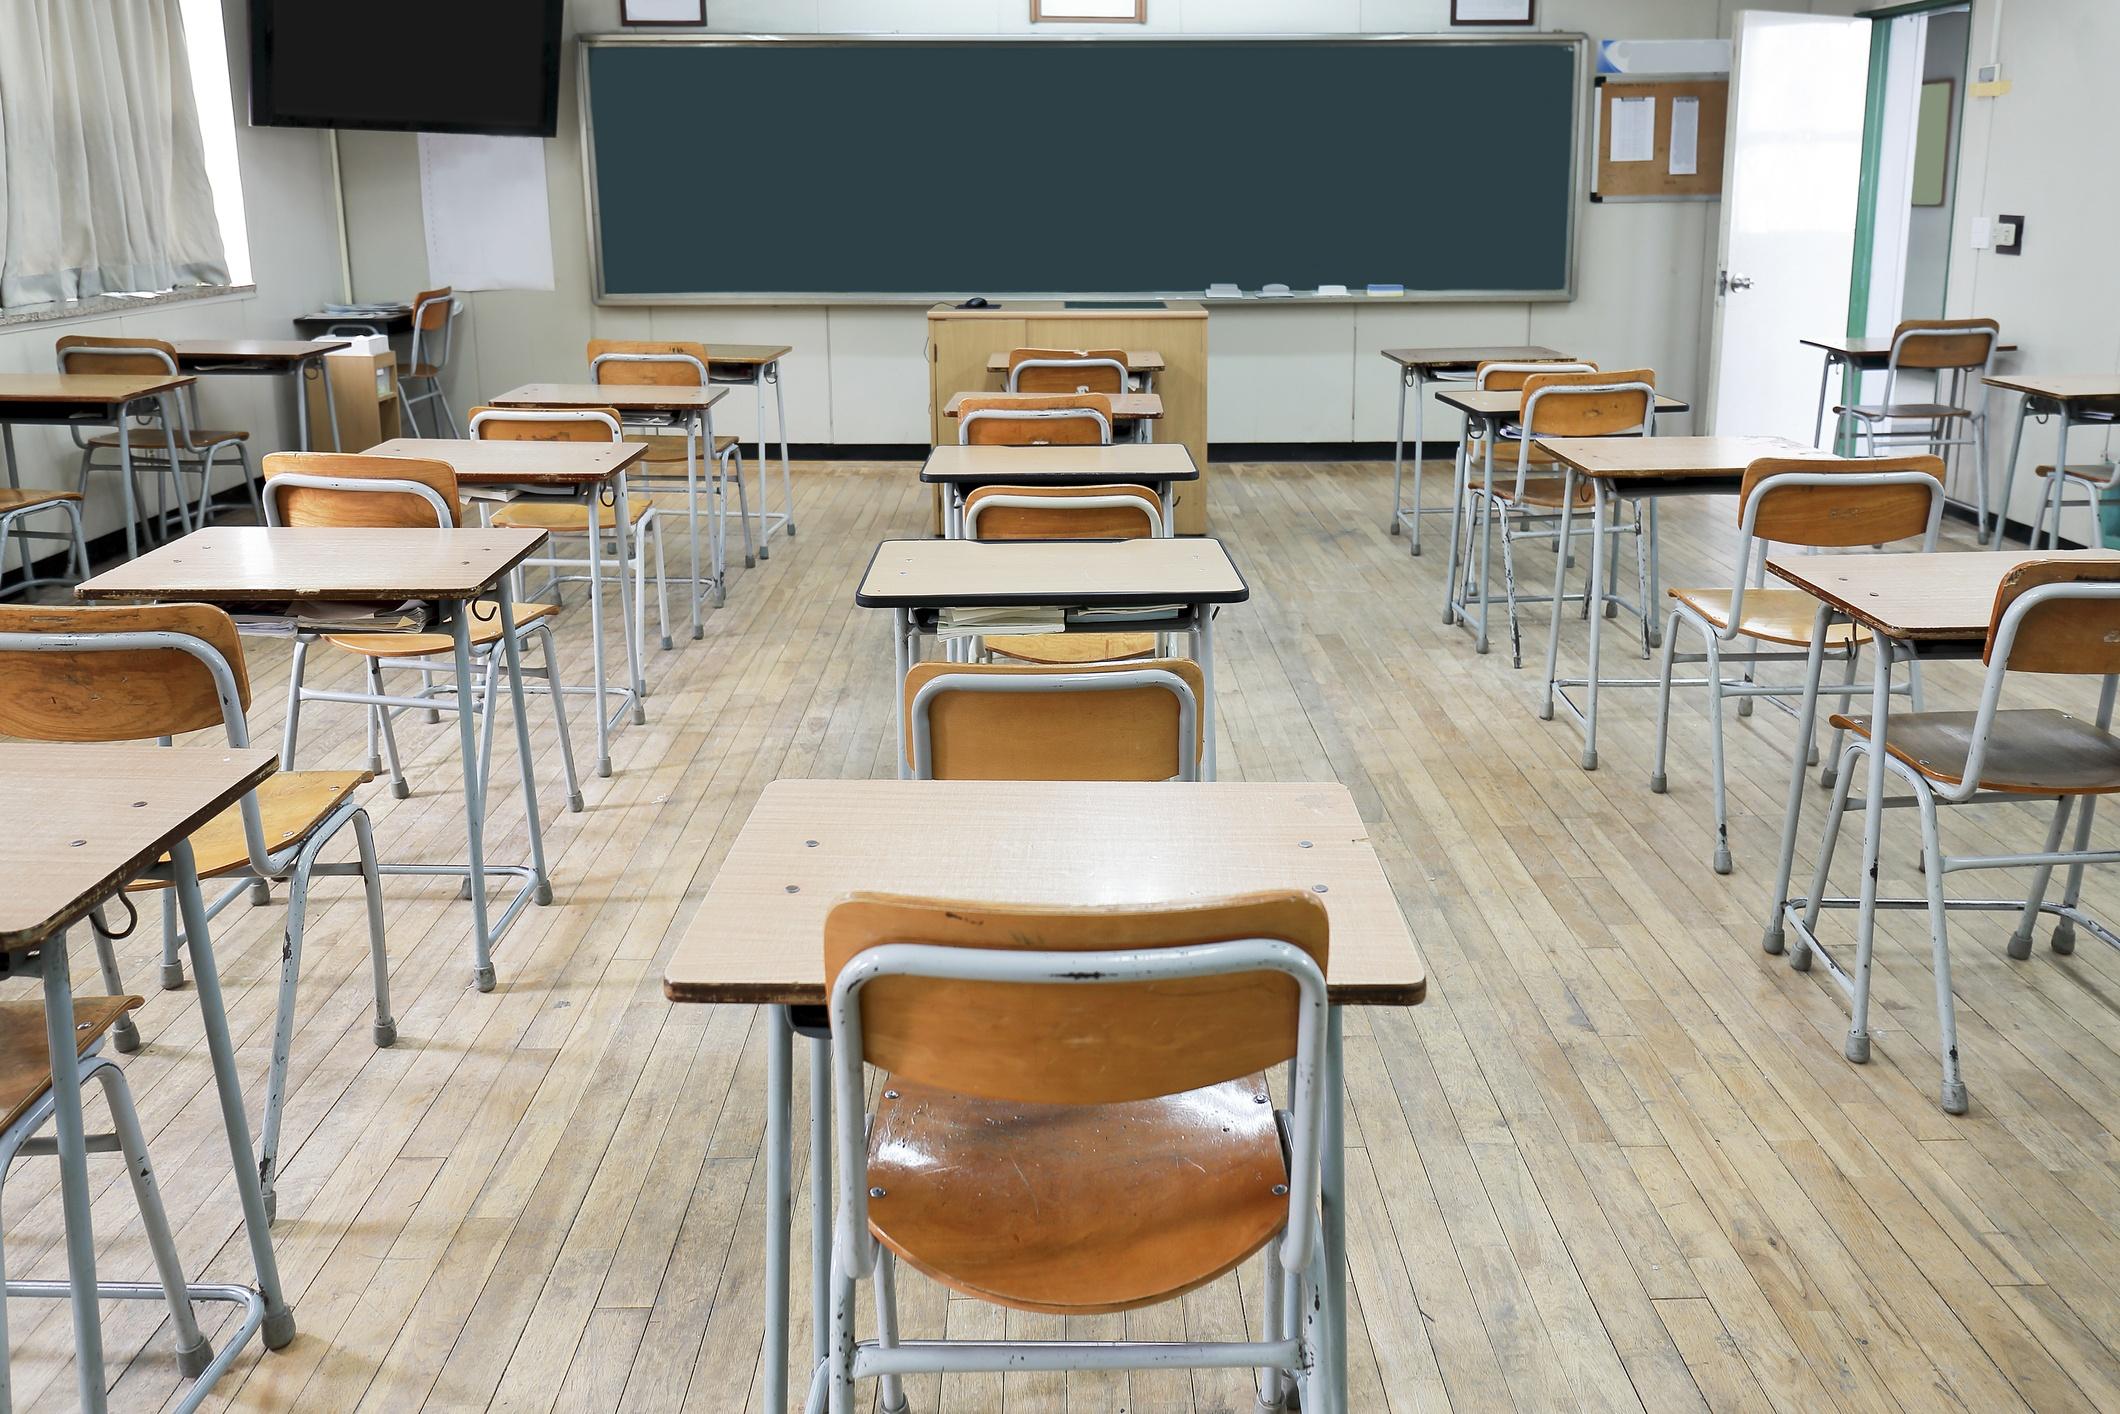 Quatro em dez alunos pensaram em parar os estudos devido a pandemia   VEJA